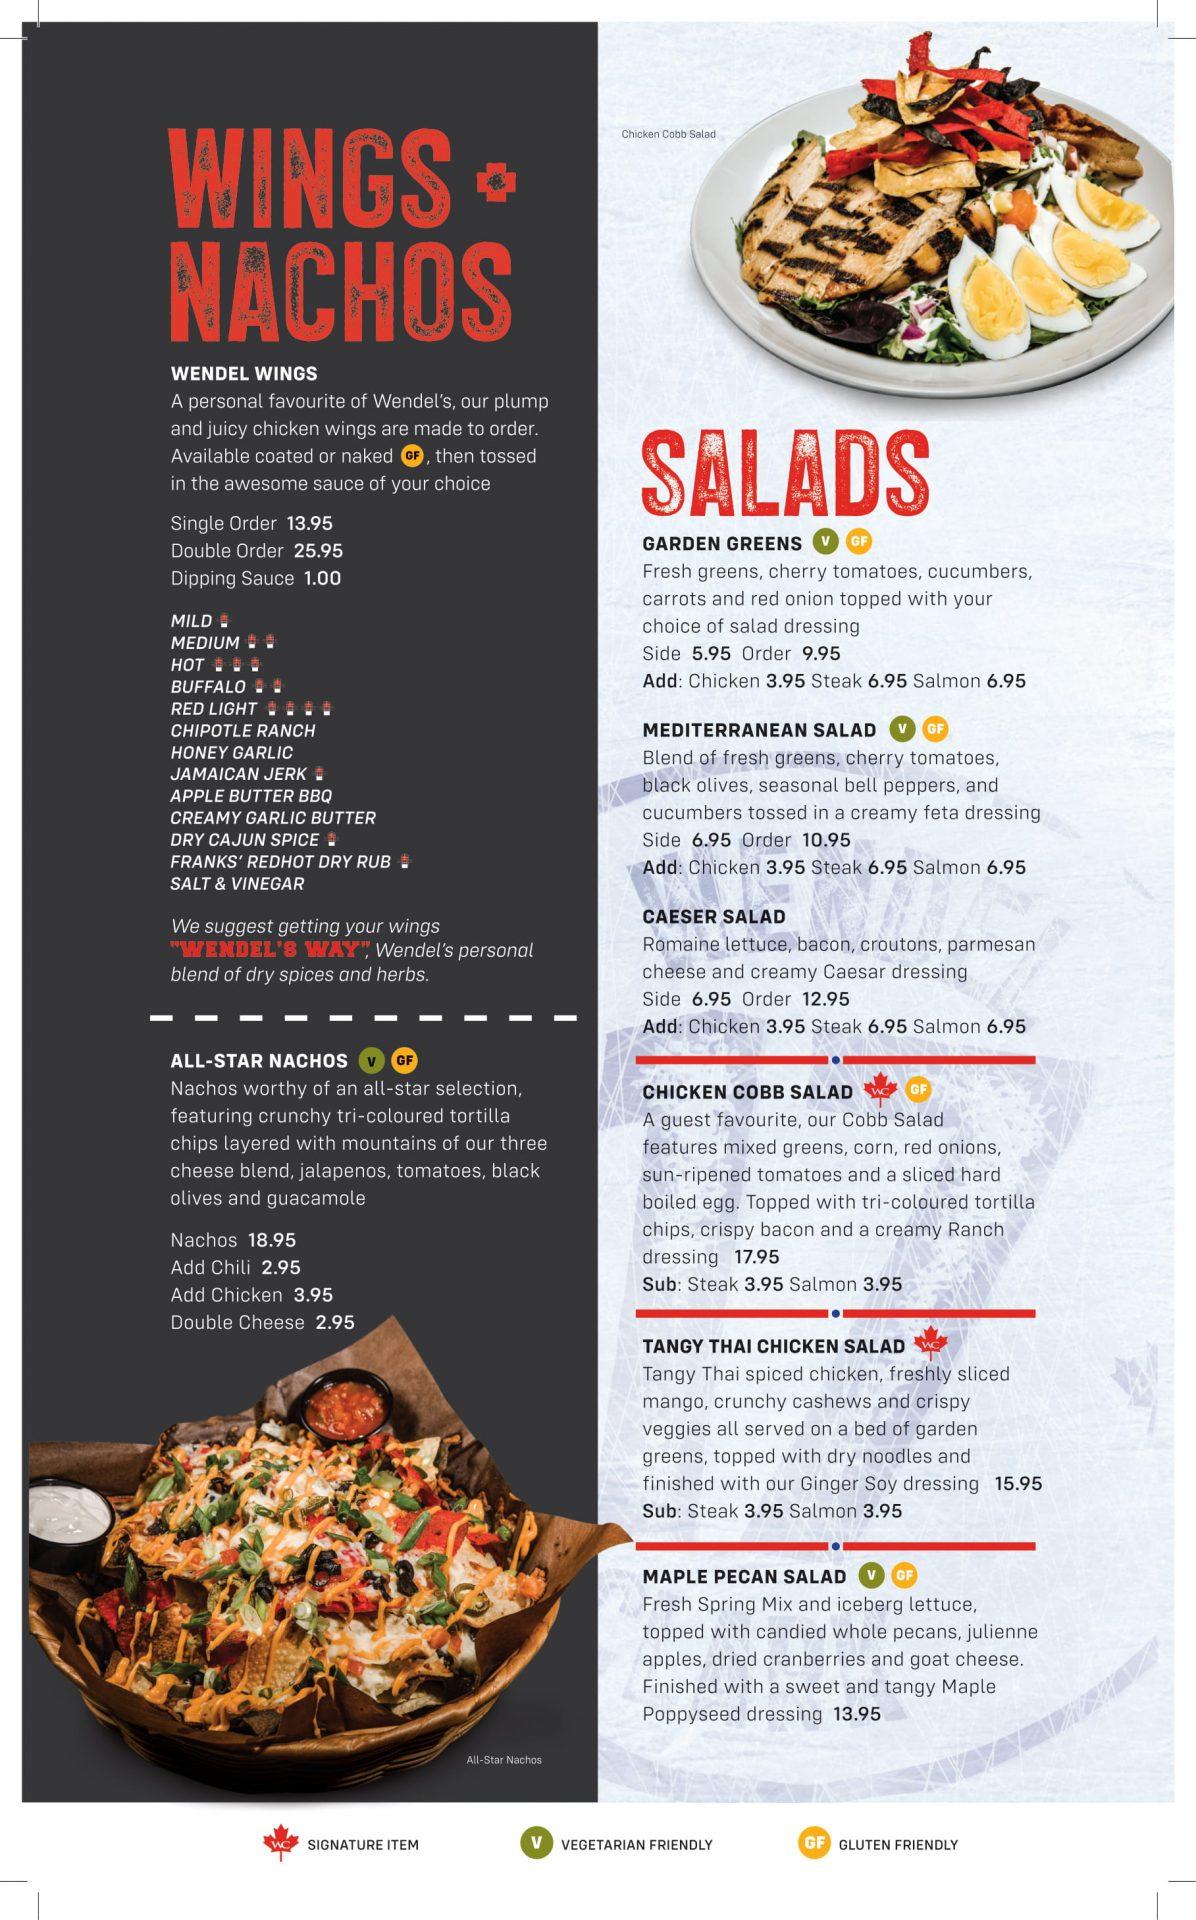 Dinner Menu - Wings, Nachos & Salads (Updated)